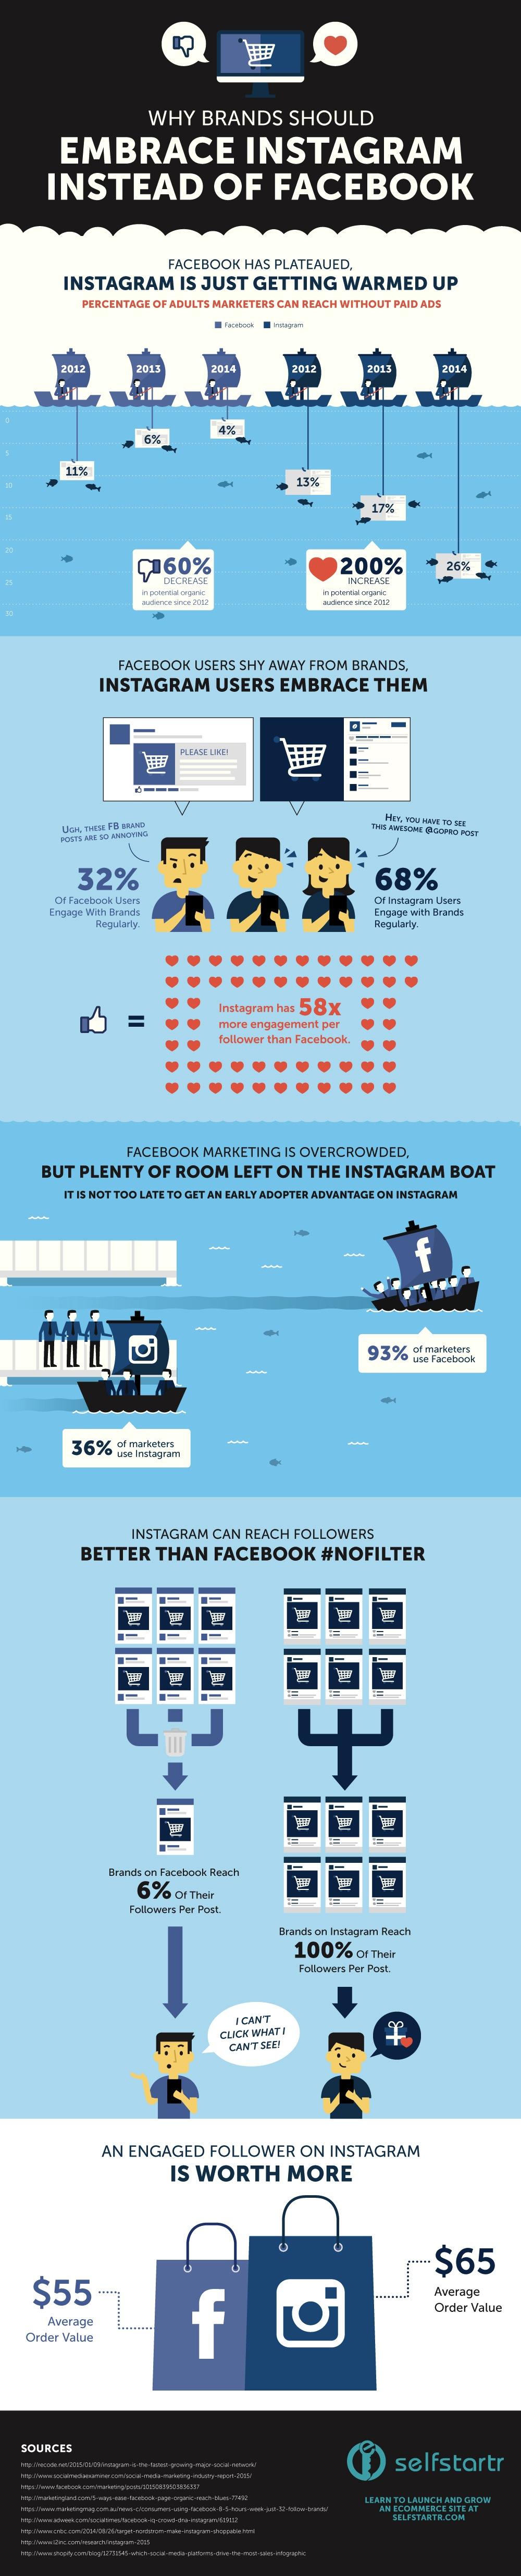 Instagram vs Facebook social media marketing